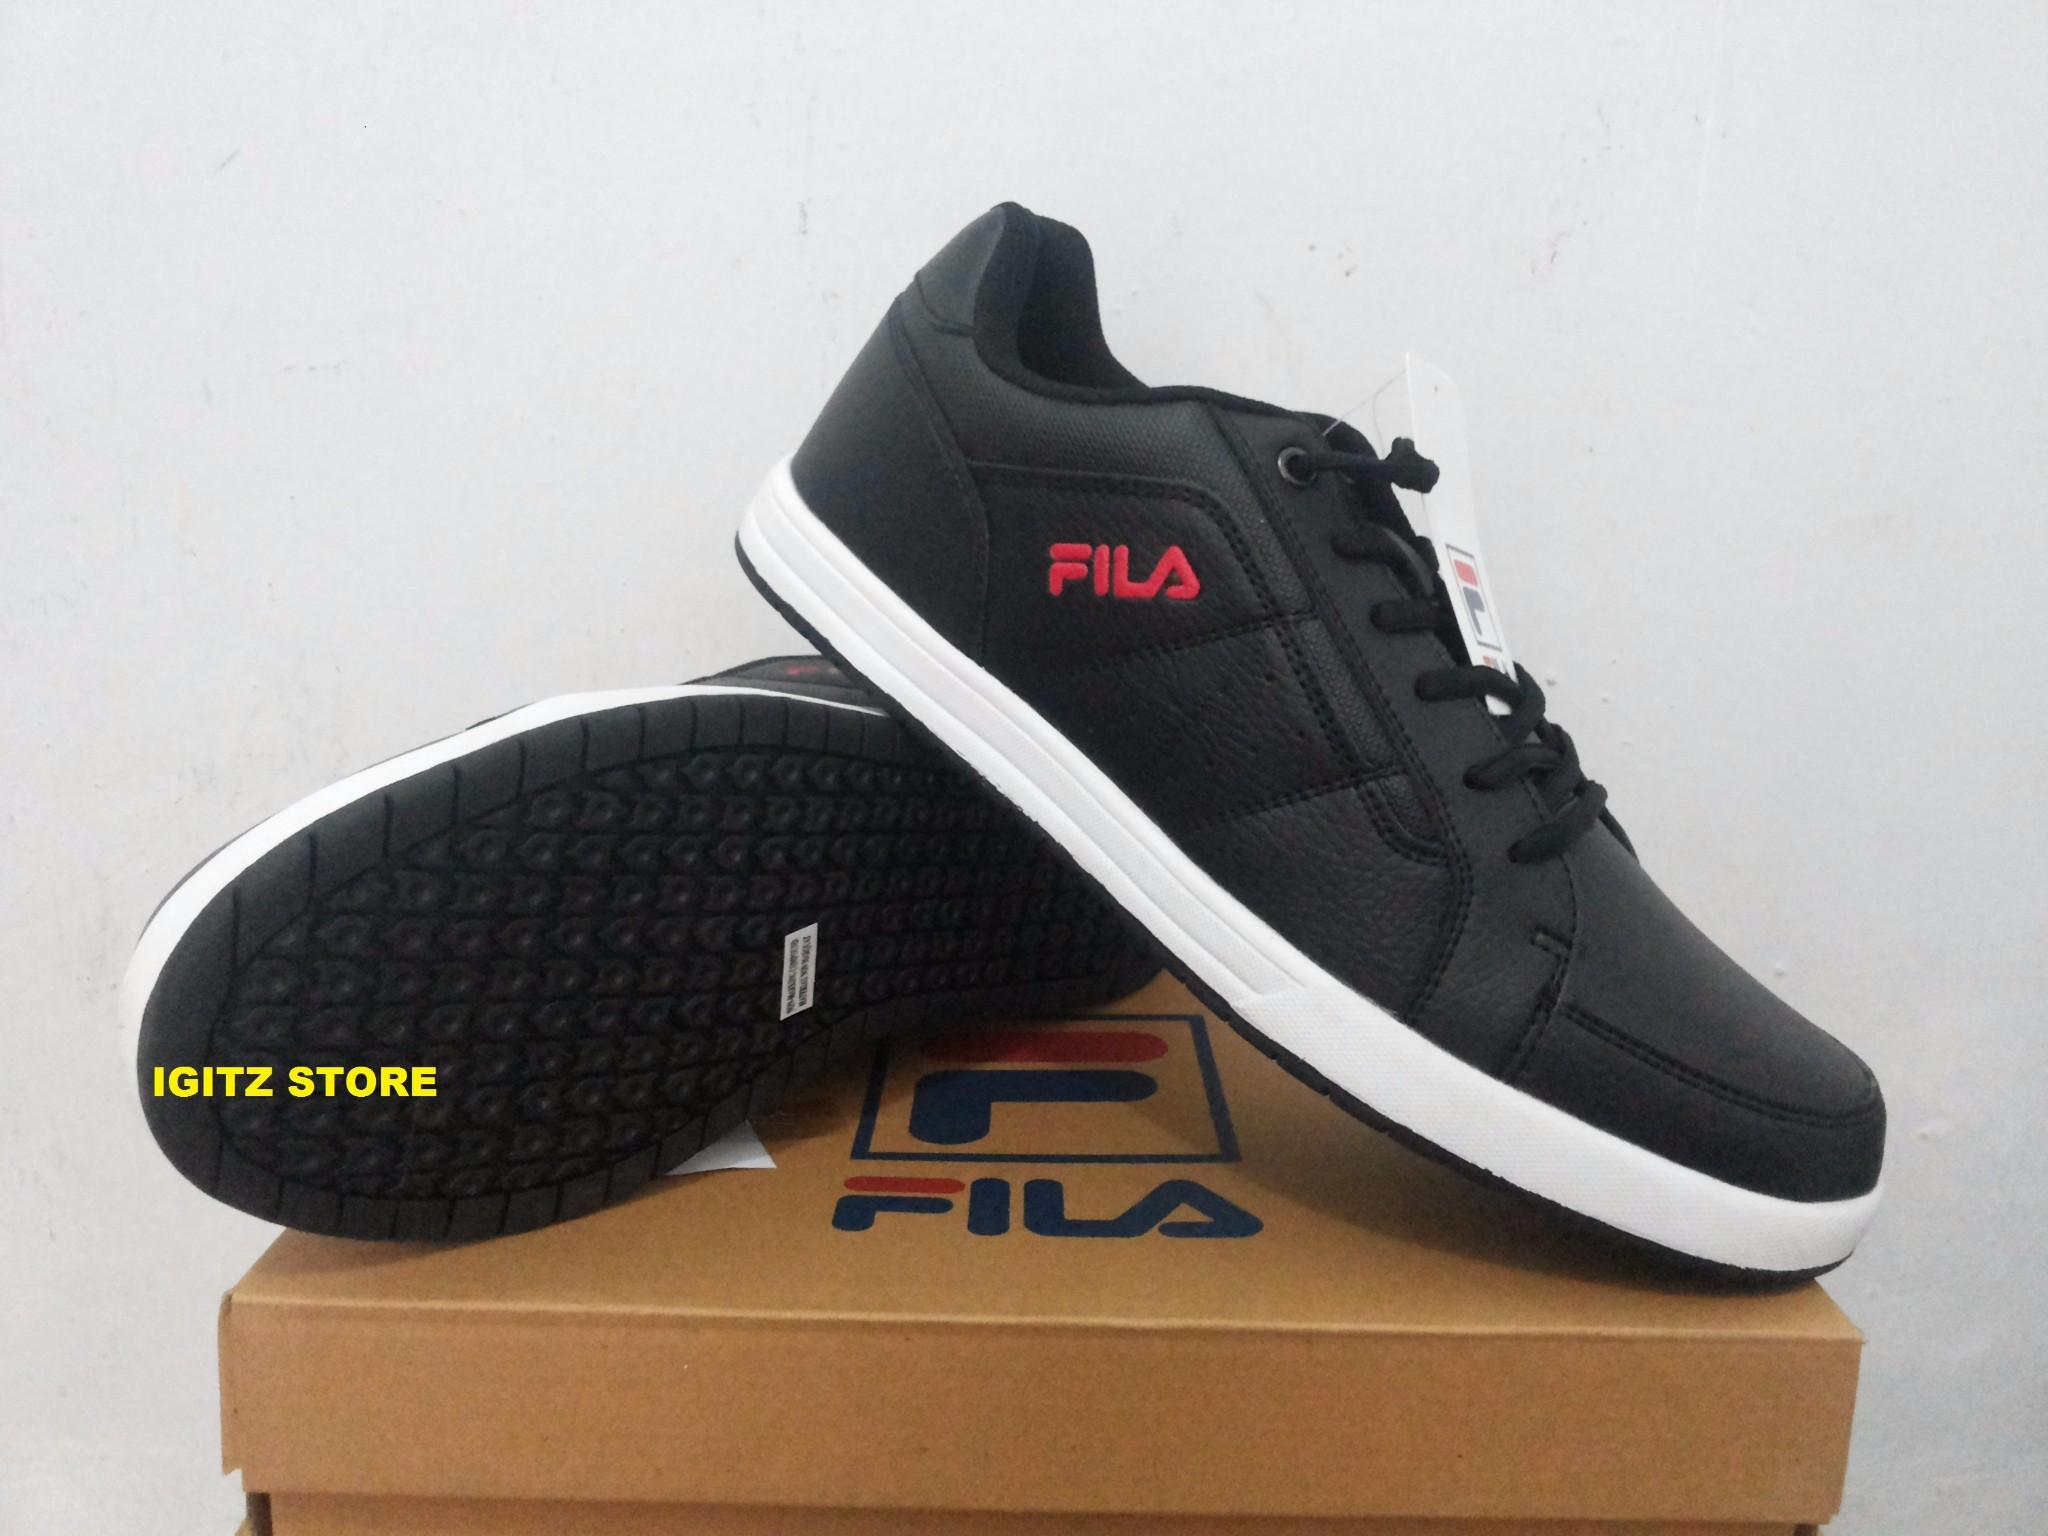 Jual Sepatu Casual Sneakers FILA LORDE Black Original - IGITZ ... 821c57ba30